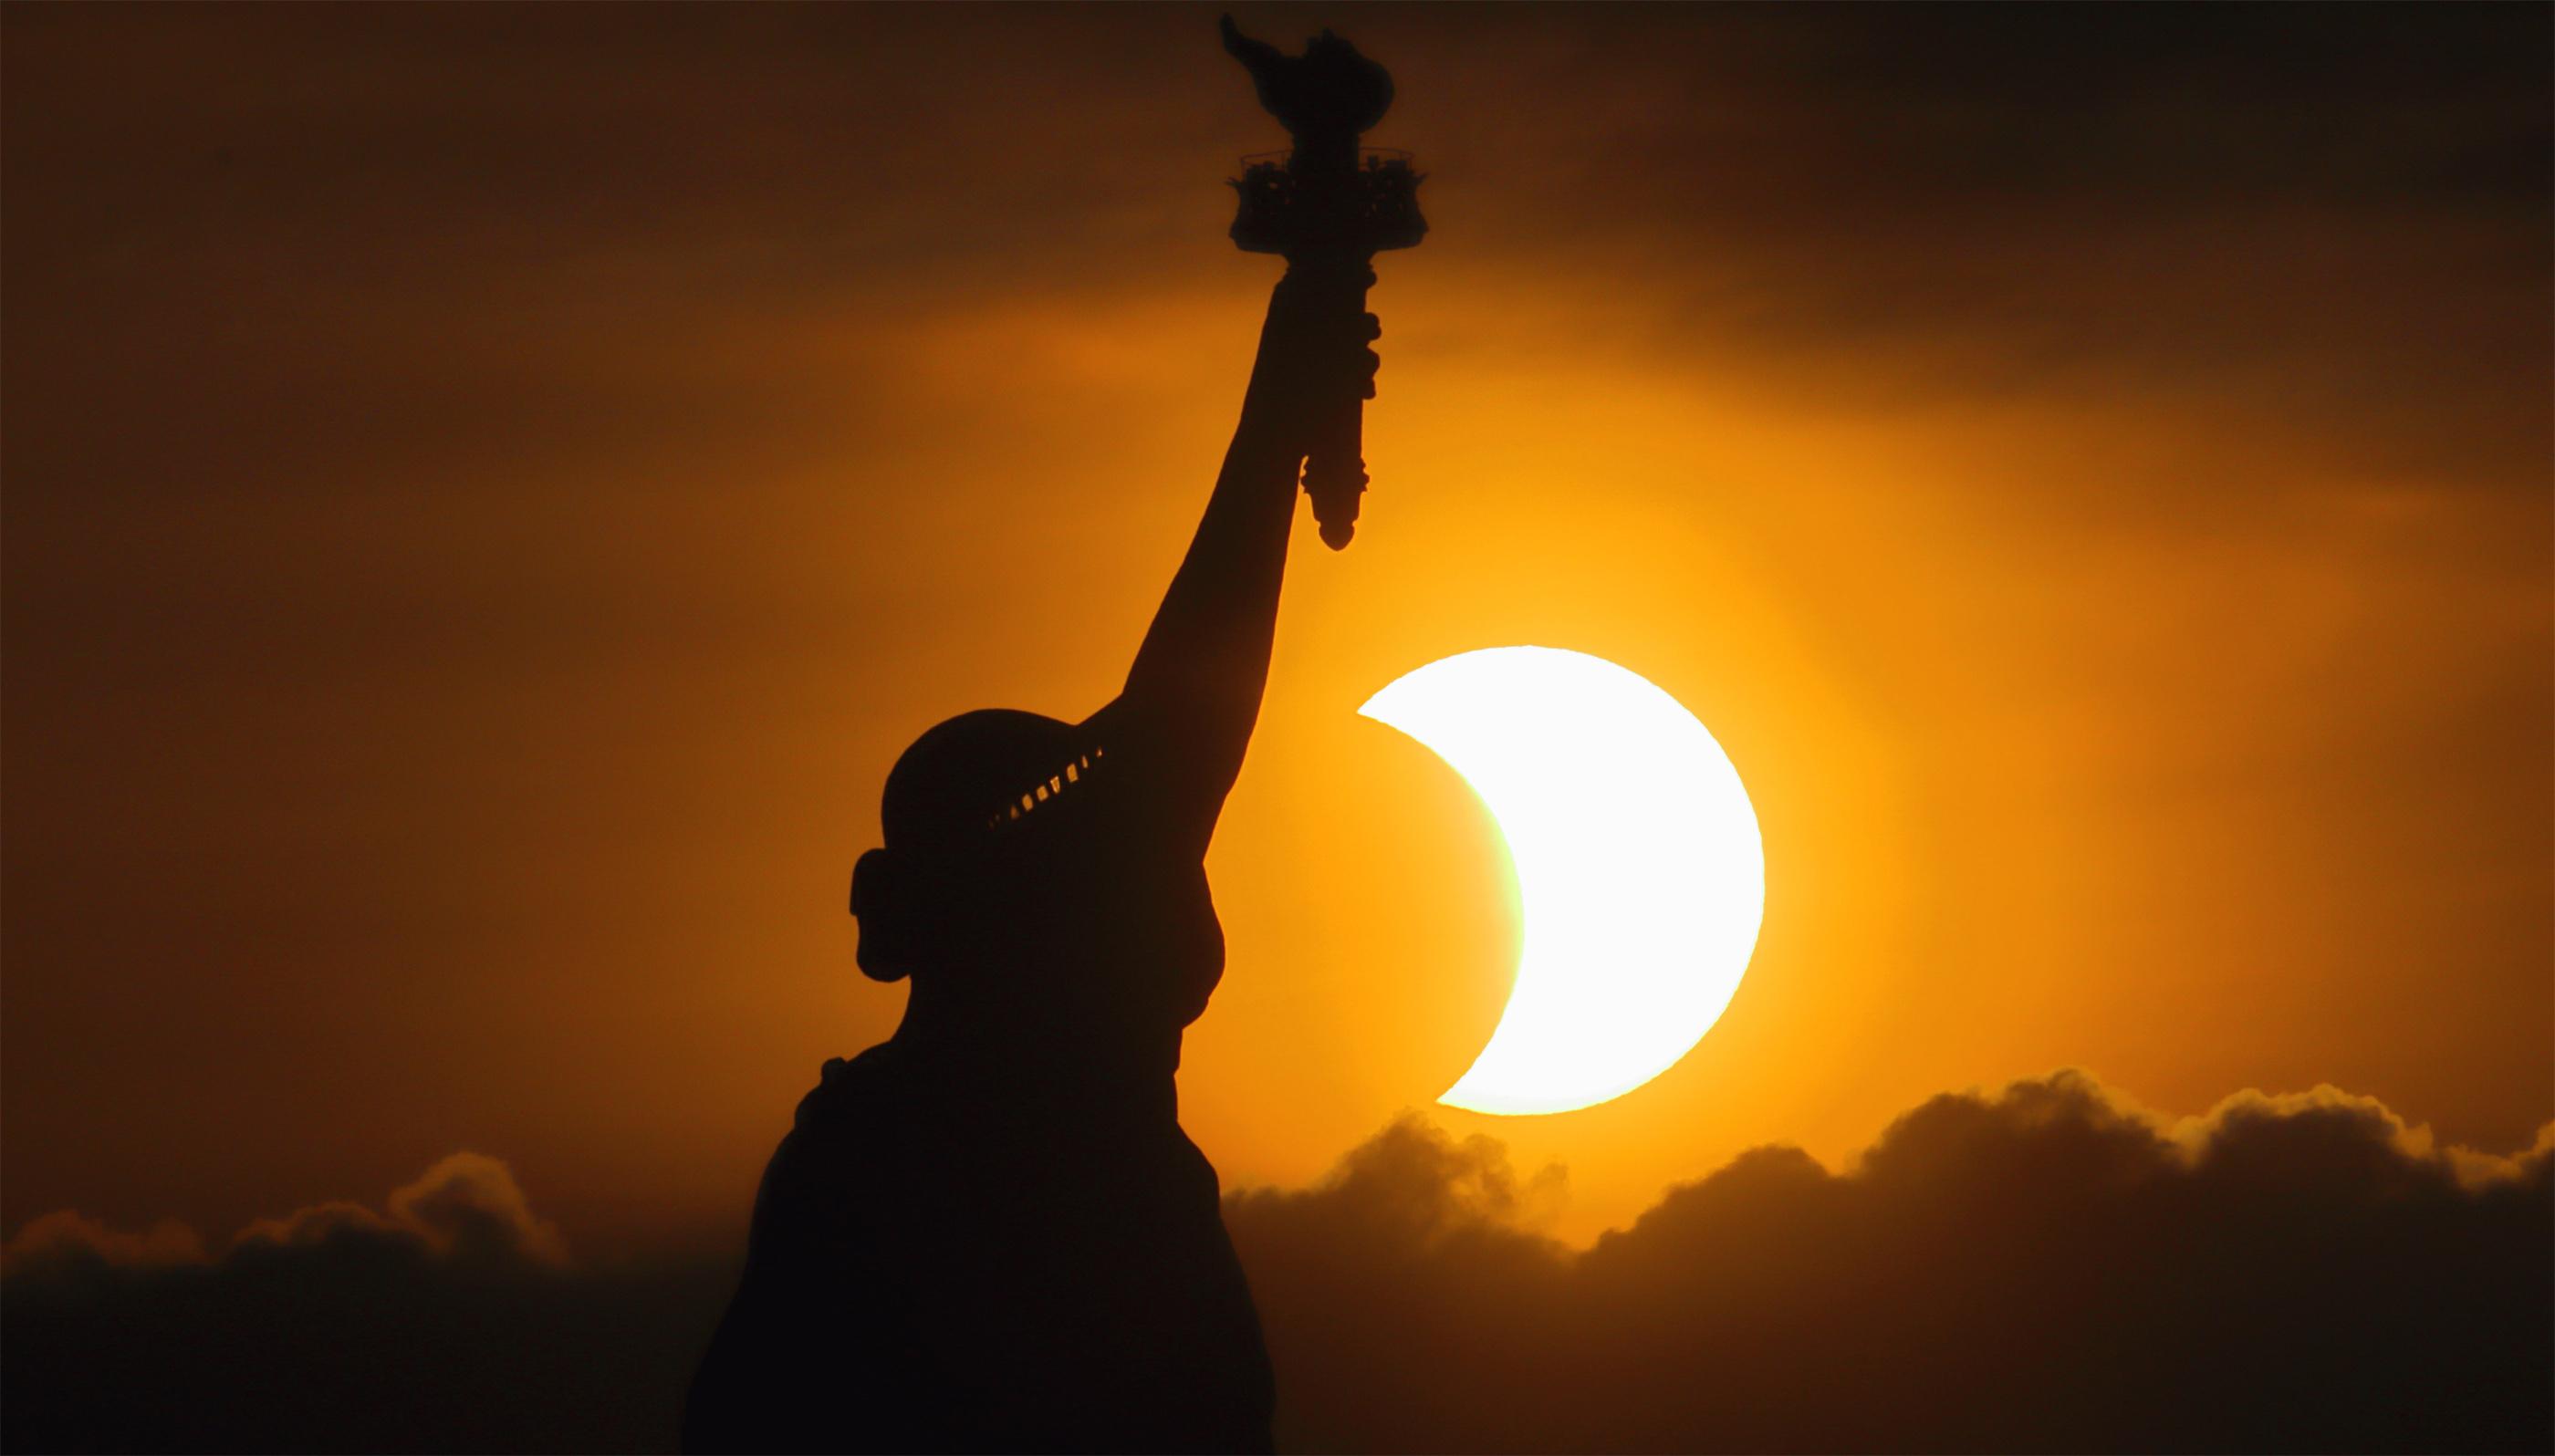 Le soleil se lève à côté de la Statue de la Liberté lors de l'éclipse solaire partielle du 10 juin 2021 à New York.  Une partie des États-Unis a vu le lever du soleil partiellement éclipsé, tandis que d'autres parties de l'hémisphère nord ont été traitées par le «cercle de feu